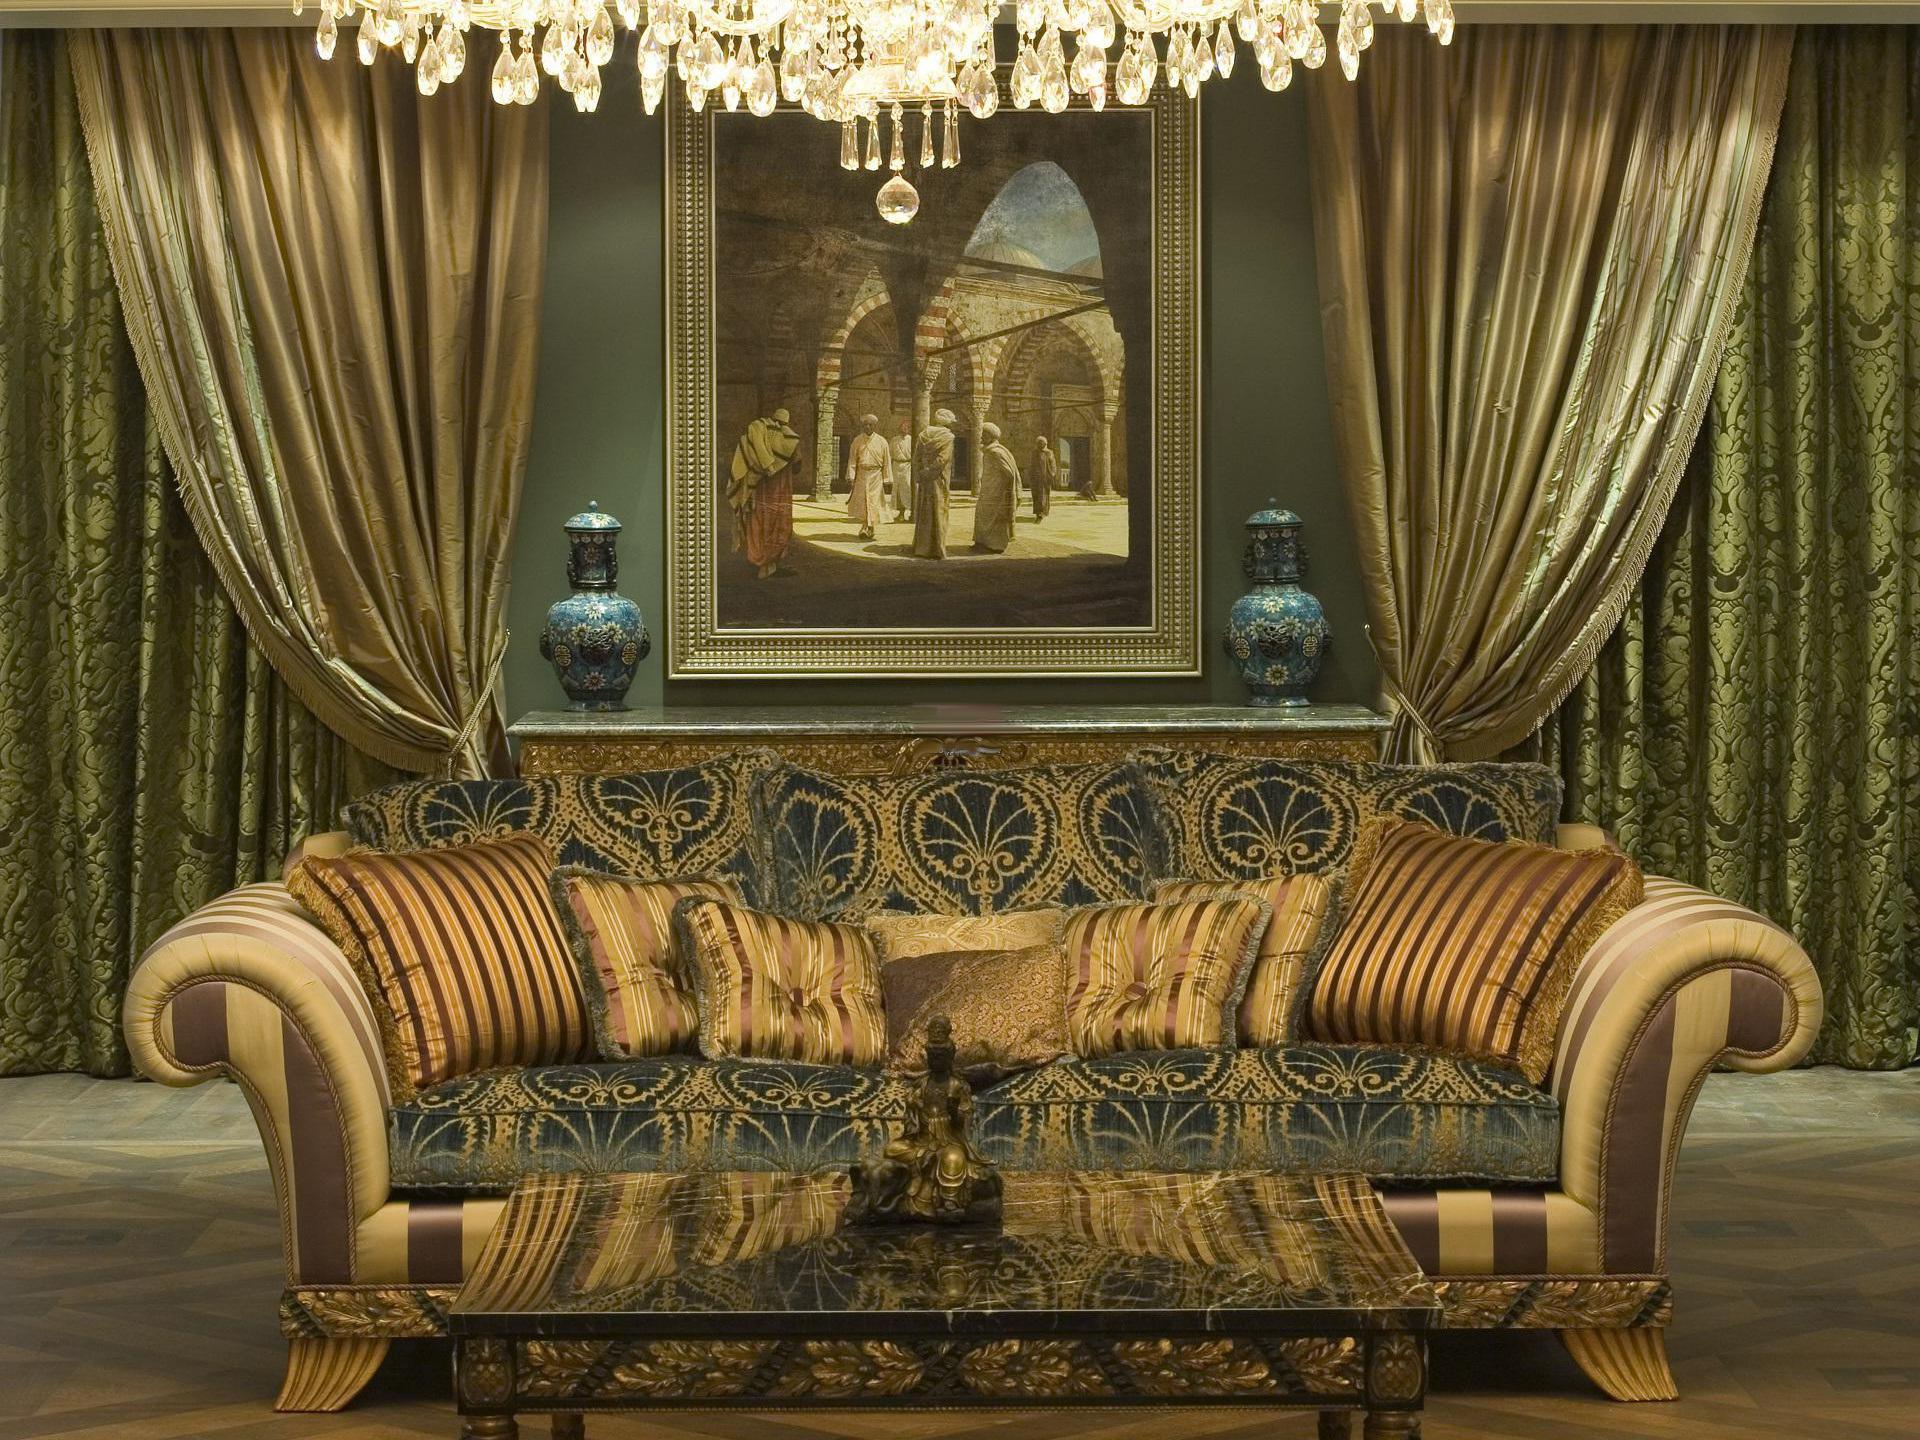 Массивная люстра из хрусталя в холле в стиле барокко.